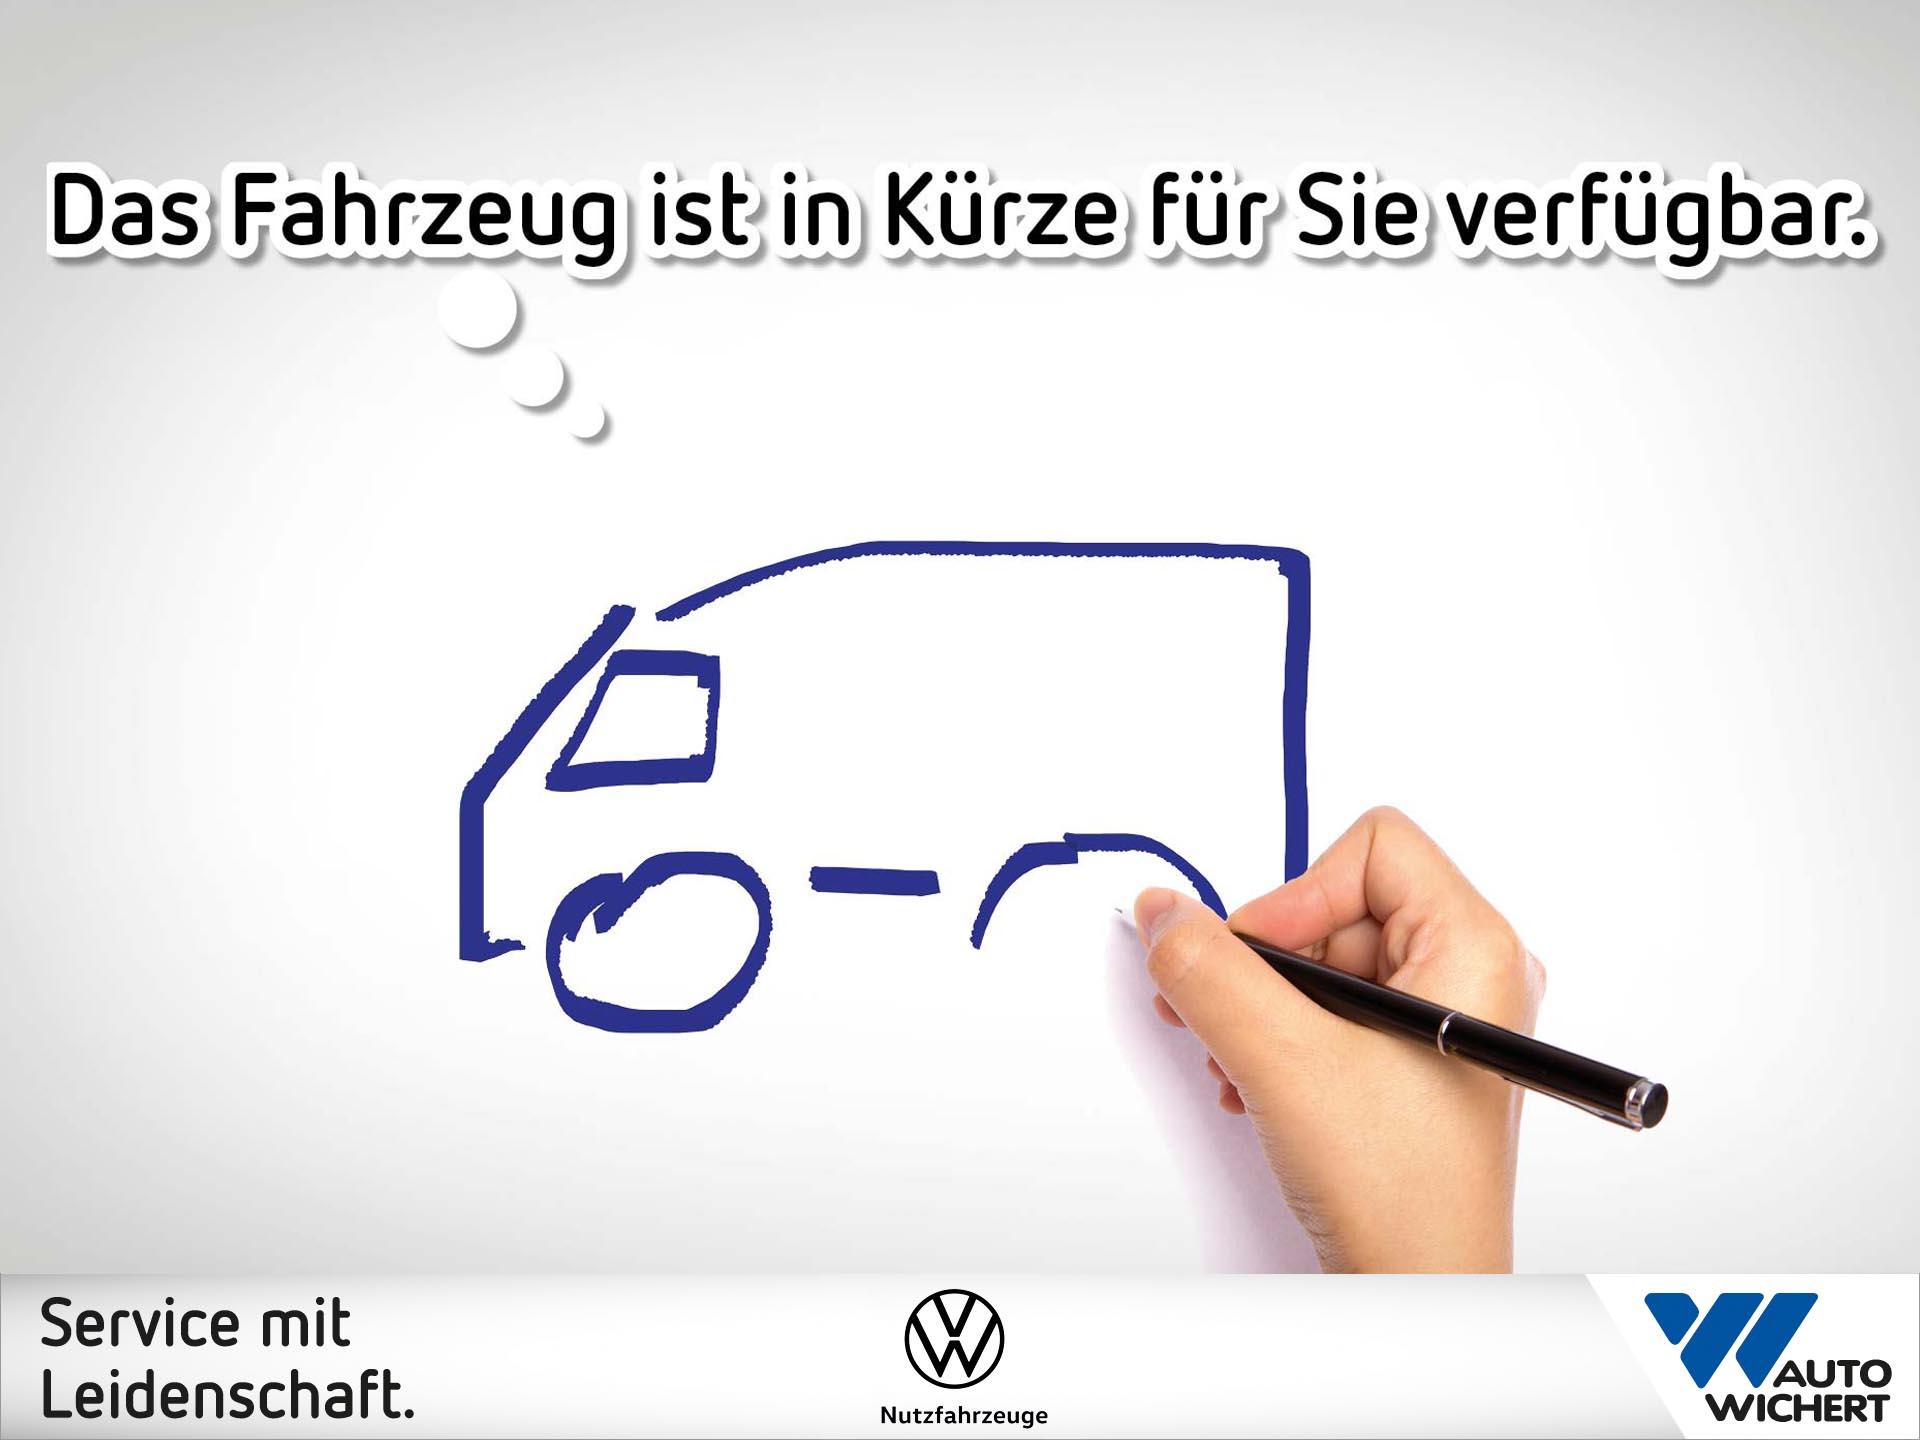 Volkswagen Caddy Kasten 1.6 TDI 5-Gang HECKFLÜGELTÜREN, Jahr 2015, Diesel